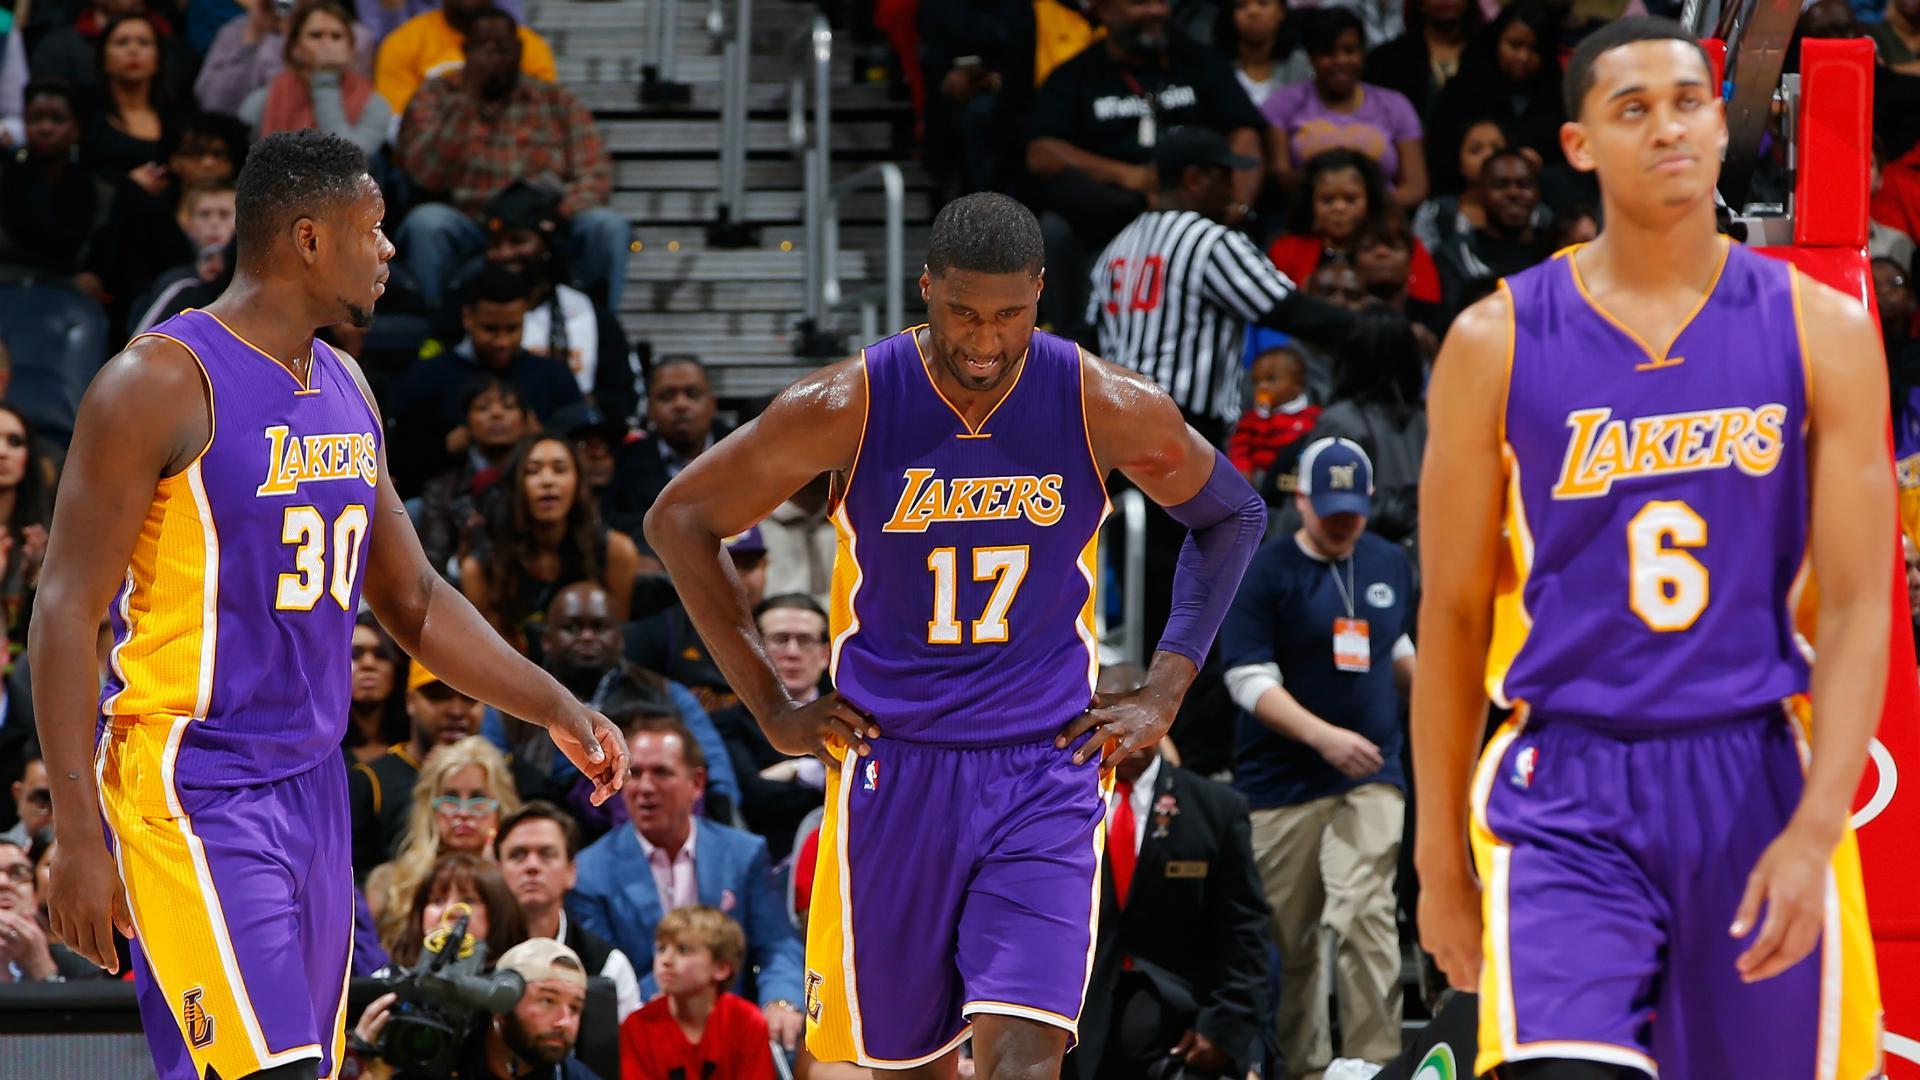 """他是东部第一中锋""""黑姚明""""专克LBJ 巅峰期让NBA为他改规则 却因心态崩溃31岁就退役"""